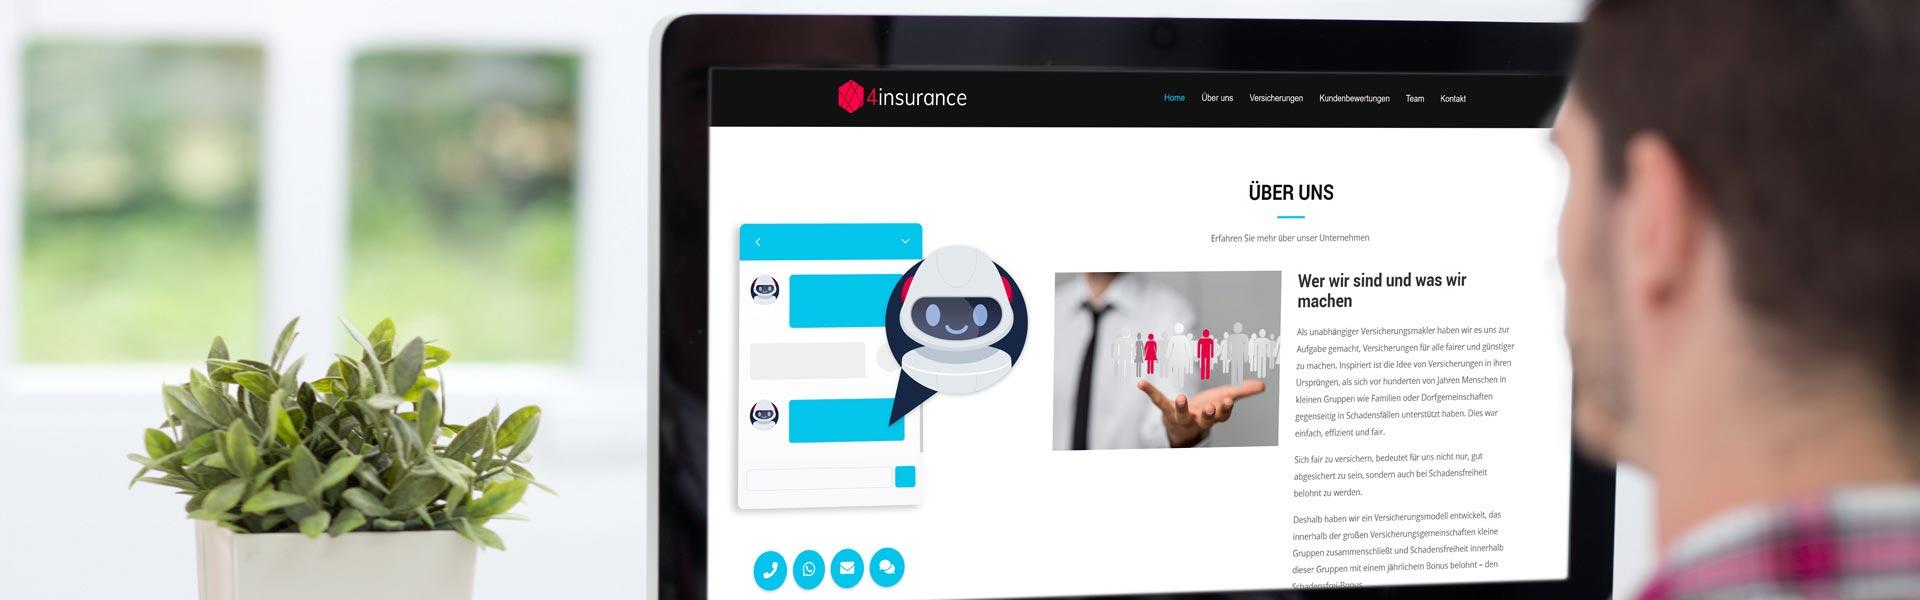 Chat Bots im Kundenservice sind nicht nur 24/7 für Ihre Kunden erreichbar, sondern entlasten auch Ihr Mitarbeiter von einer Vielzahl von Anfragen.